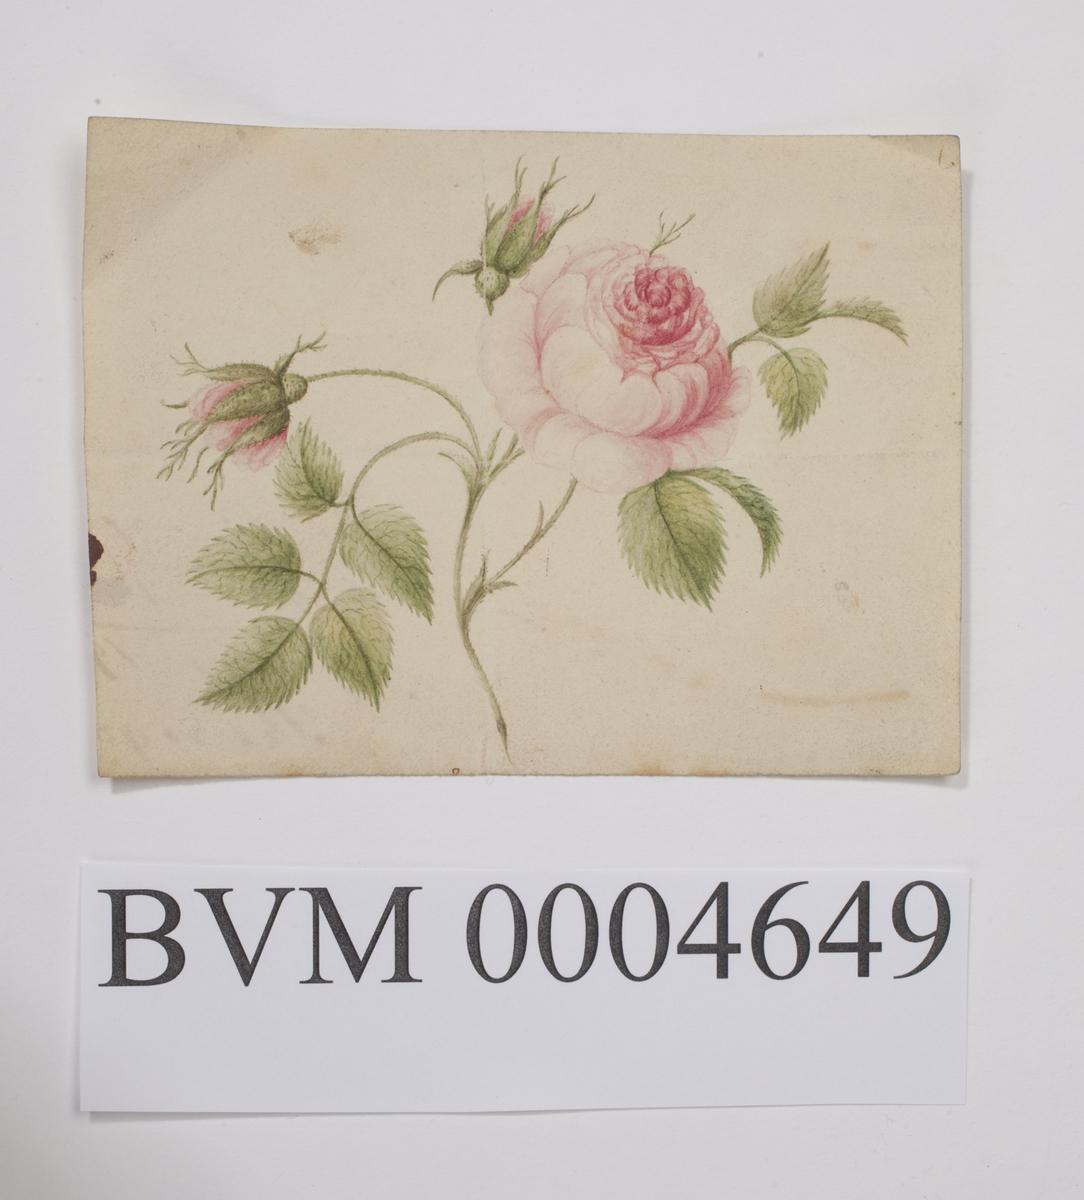 Fargetegning av rose. Trolig tegnet på gjenbrukt papir. Jf. noe tekst bak på arket.